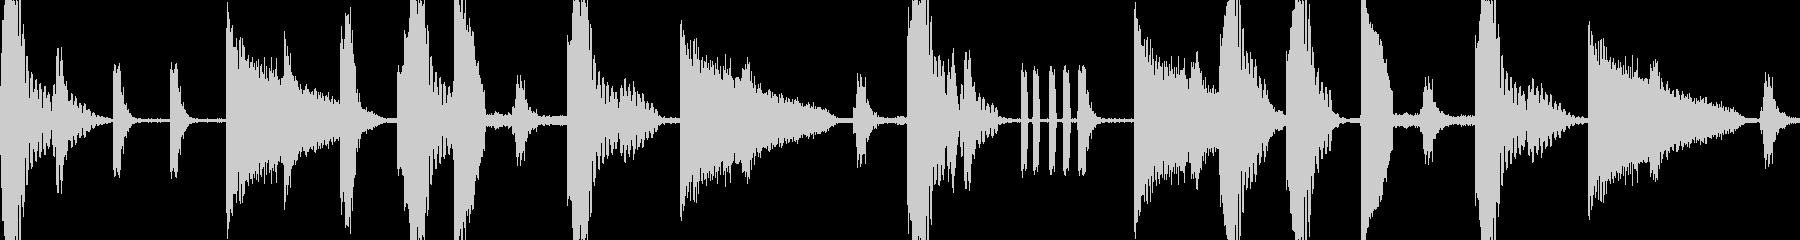 トラップミュージックのリズムループです。の未再生の波形